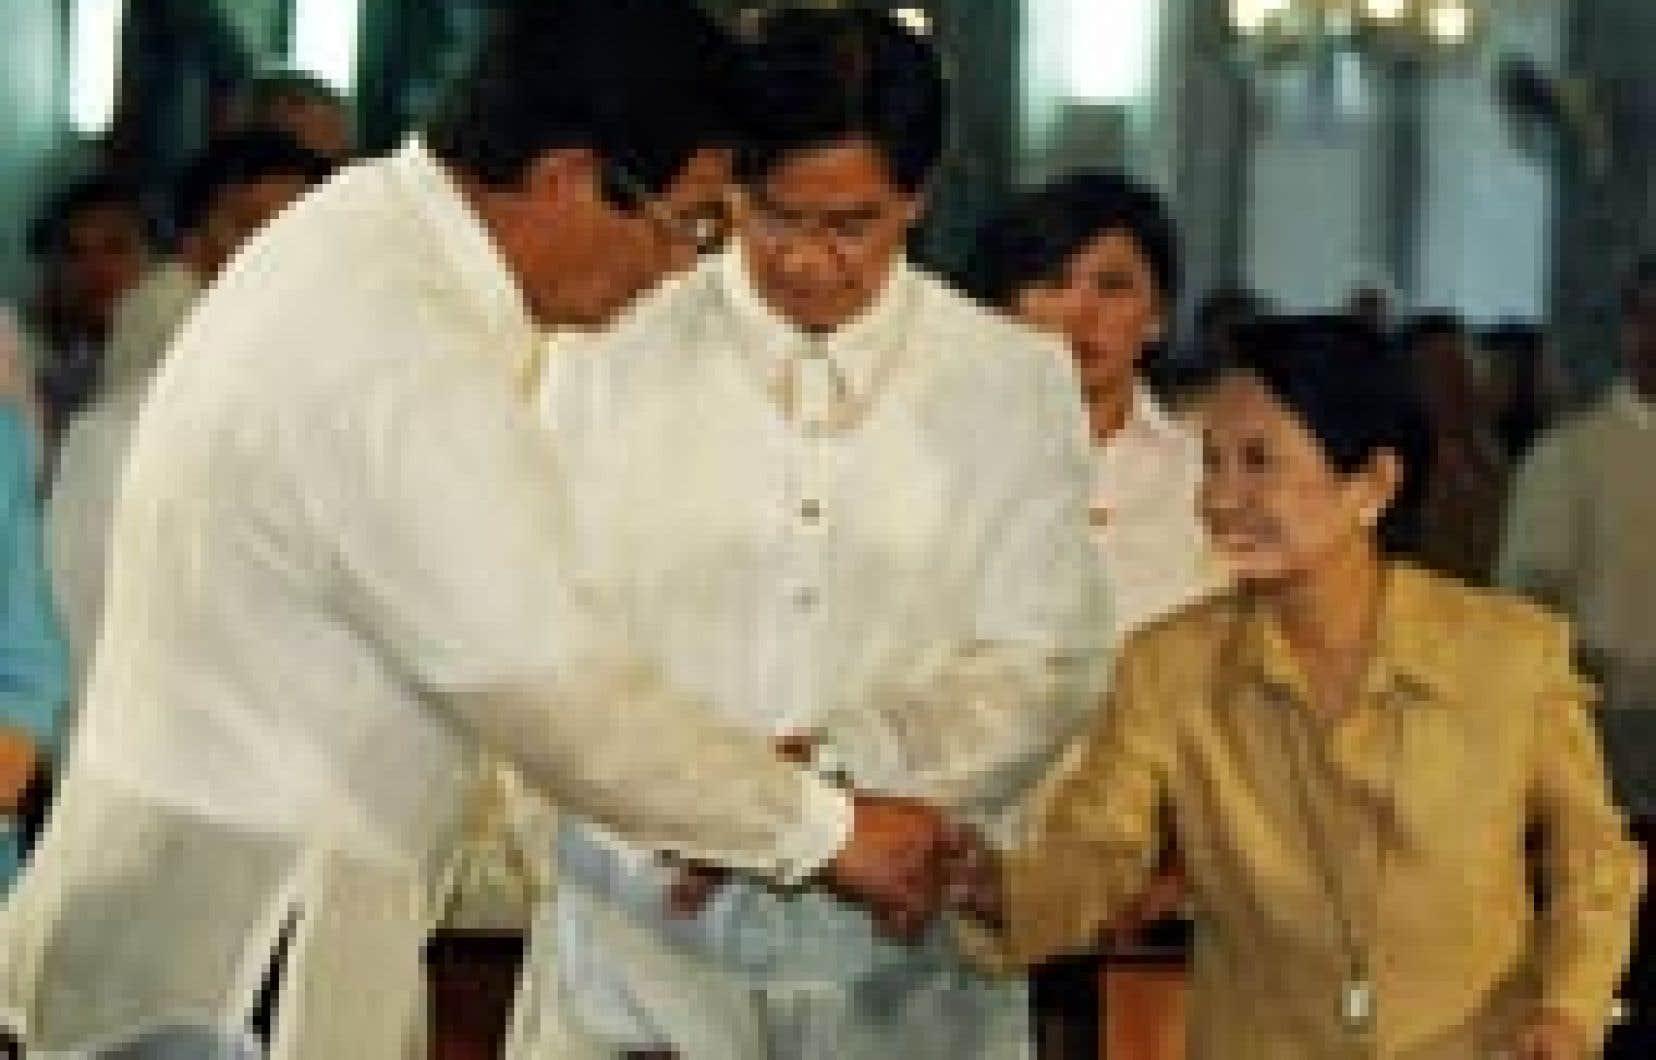 La présidente sortante, Gloria Macapagal Arroyo, serre la main de son principal adversaire à la présidentielle d'aujourd'hui, l'acteur Fernando Poe Jr., au cours d'un service religieux célébré hier à Manille.